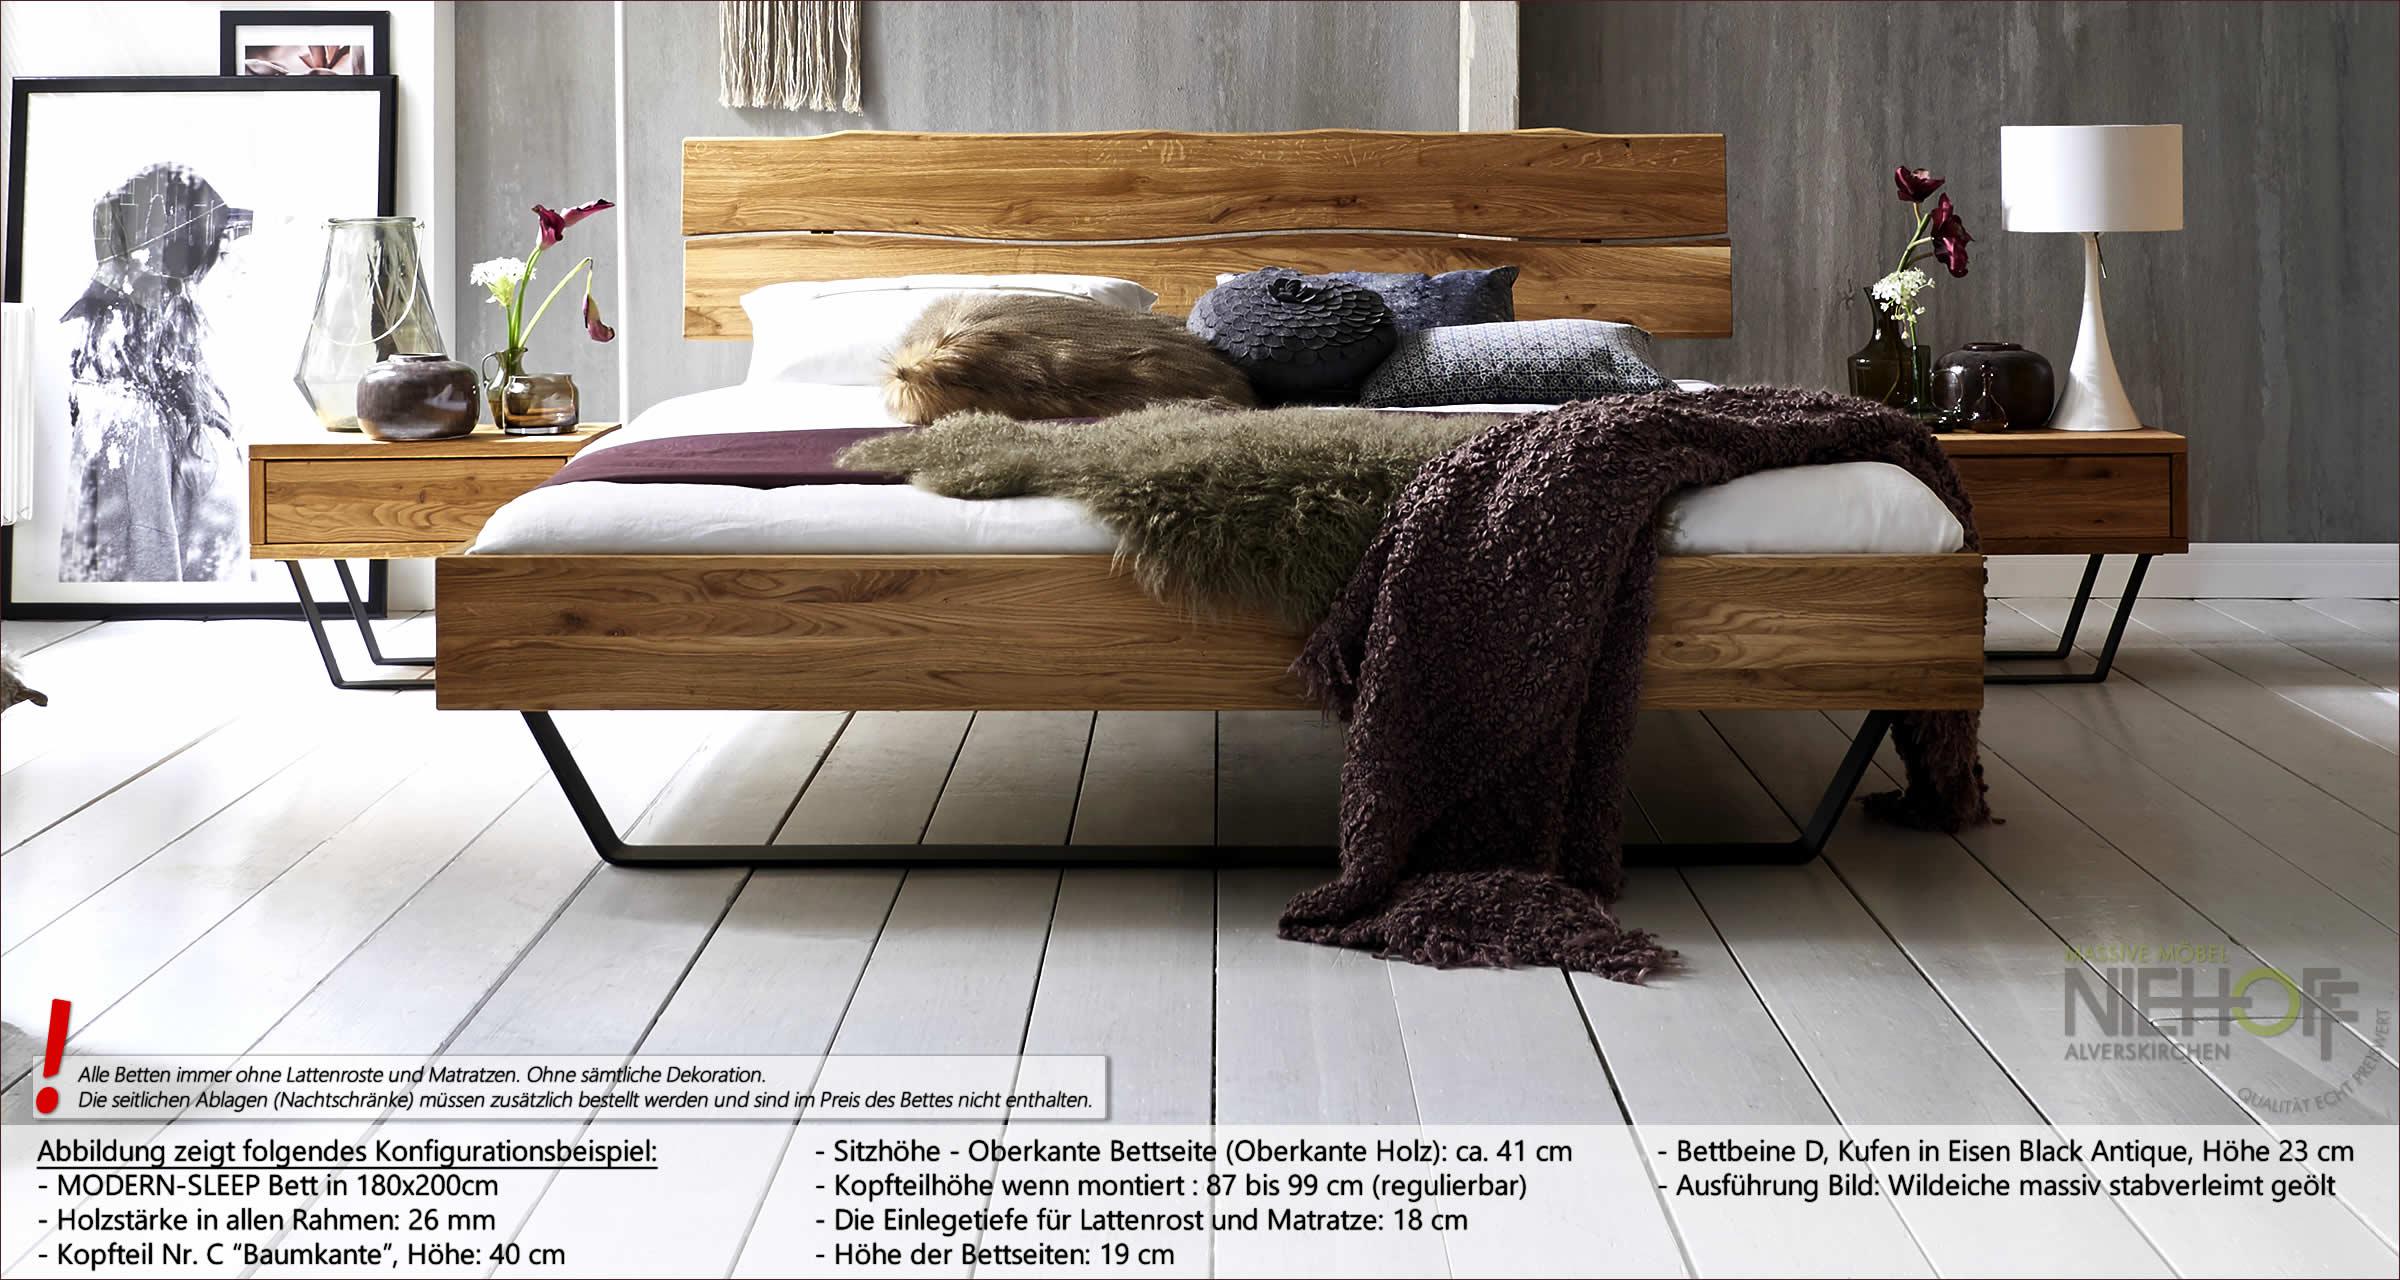 Full Size of Bett Modern Modernes Massivholz Sleep Industriedesign 140x200 Weiß Niedrig Mit Stauraum Inkontinenzeinlagen Tojo Nussbaum Luxus Ausziehbares Konfigurieren Wohnzimmer Bett Modern